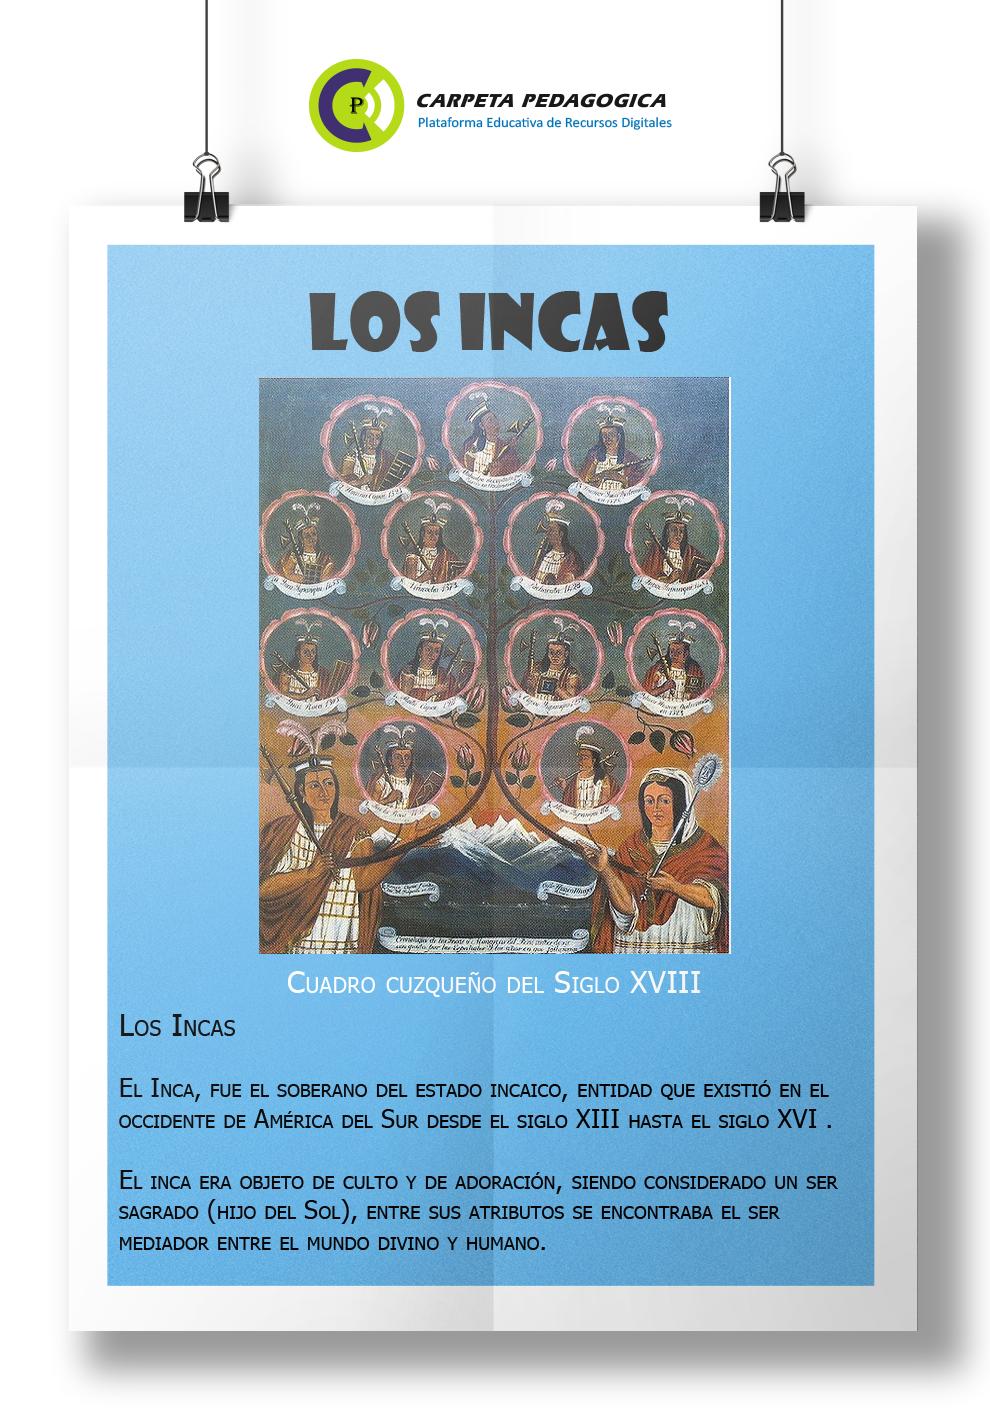 Datos sobre Los Incas